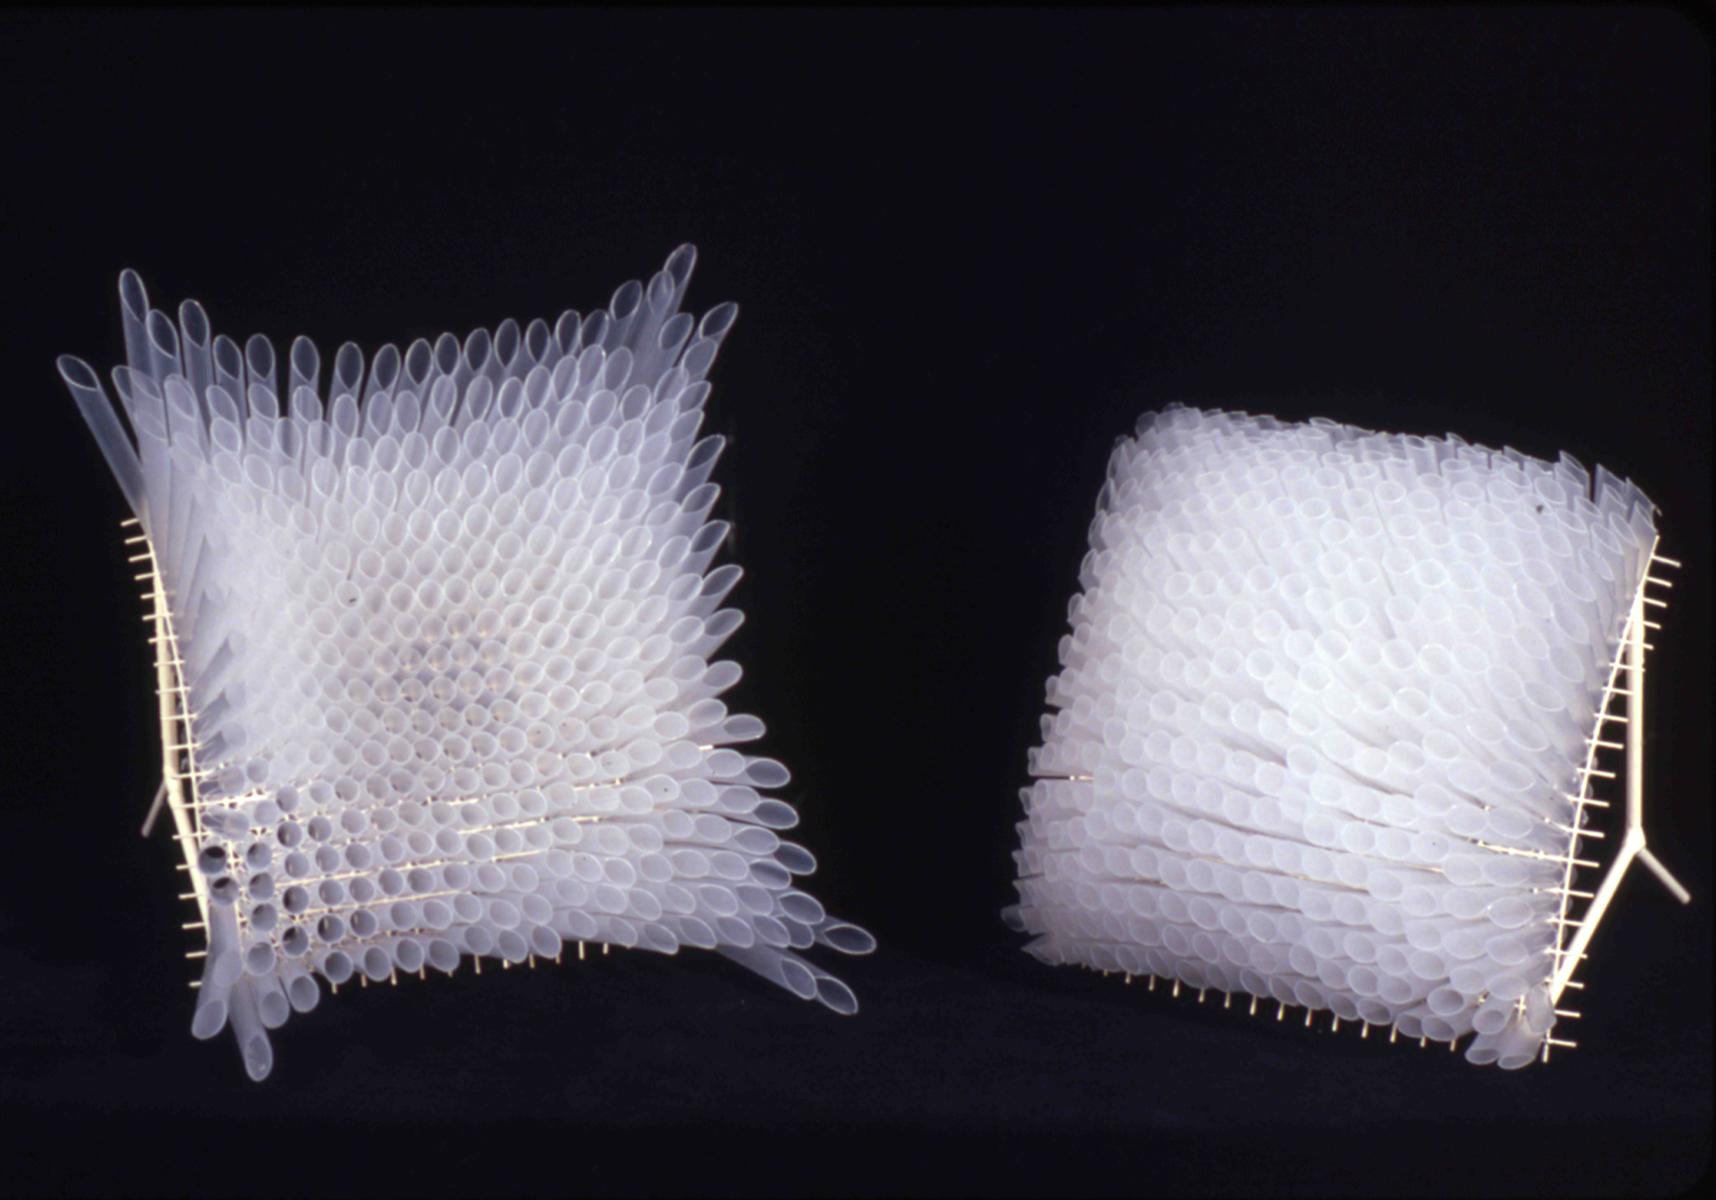 """Concave-Convex     Cut Drinking Straws, Wire Mesh - 7"""" x 7"""" x 5"""" each;"""